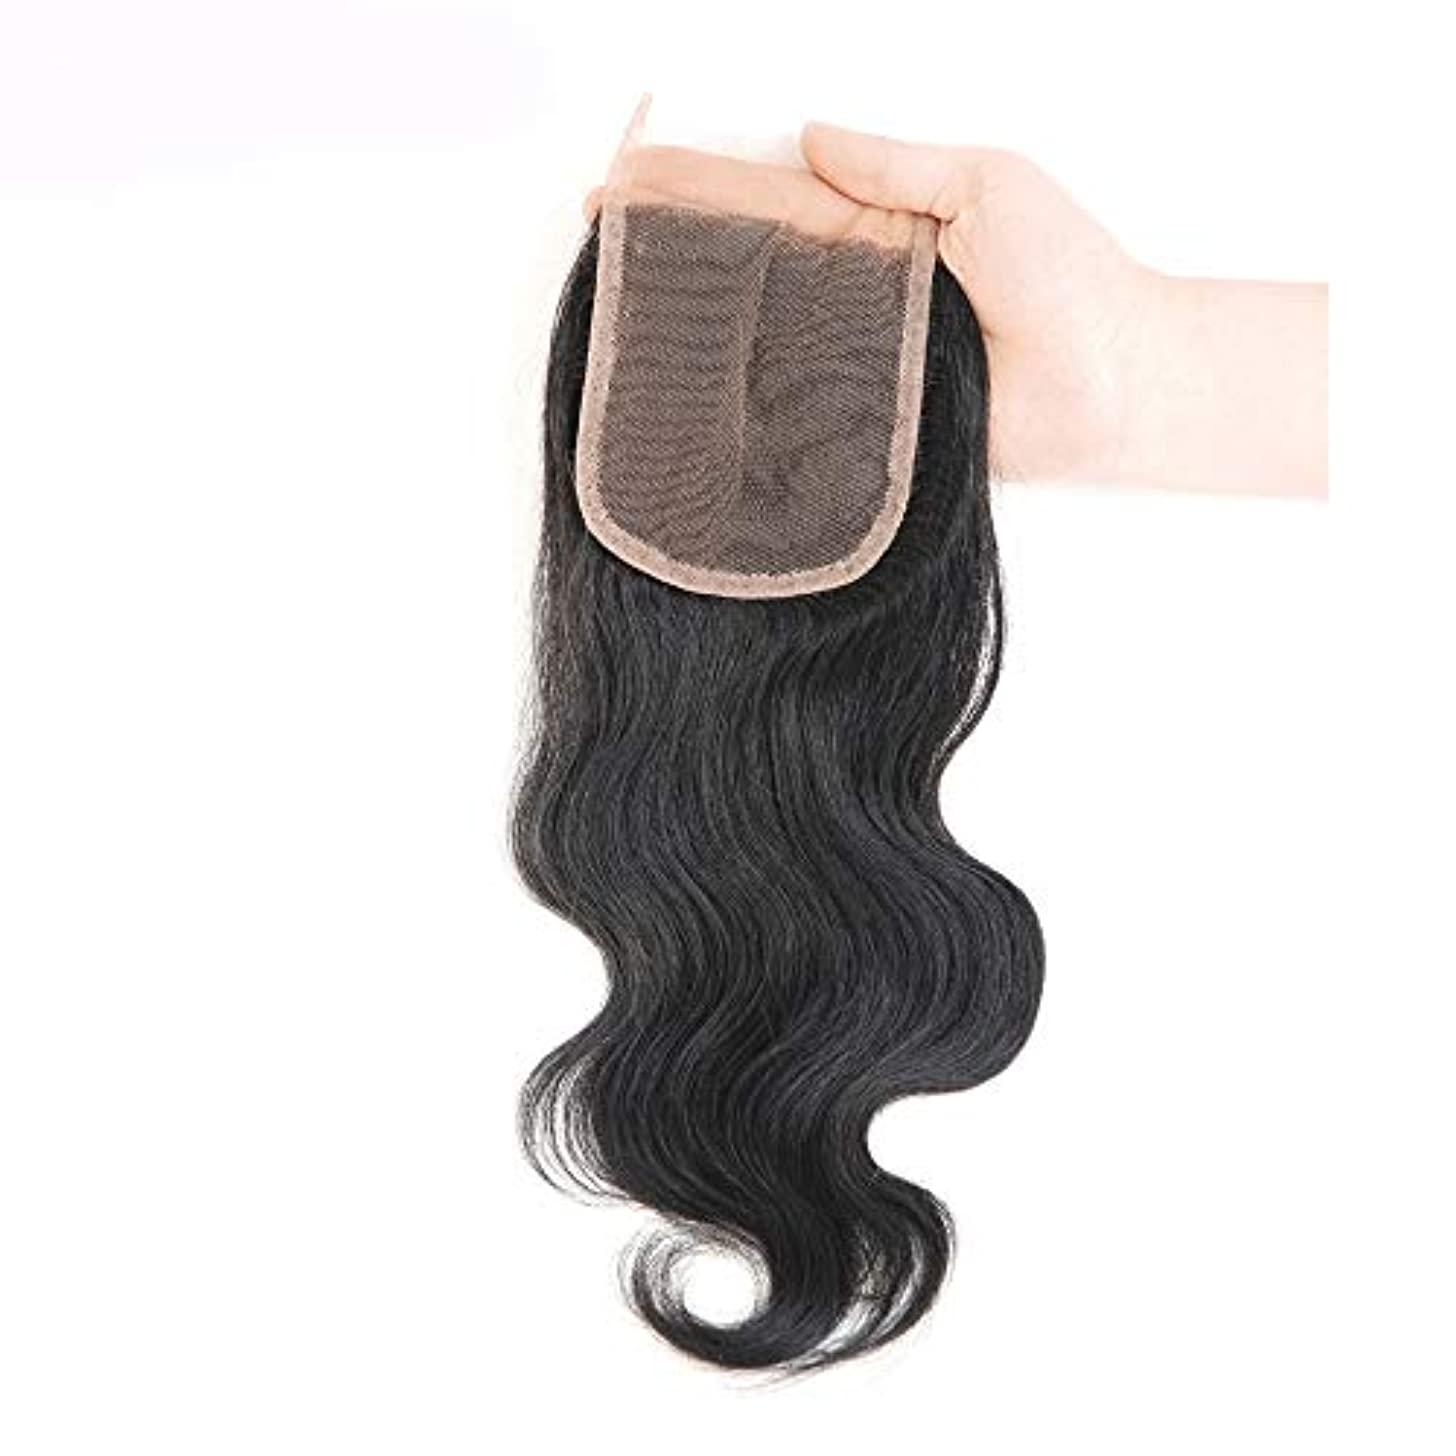 遺棄されたインフラ目を覚ますWASAIO 自然の人間の毛髪のブラジルの実体波の閉鎖 (色 : 黒, サイズ : 18 inch)